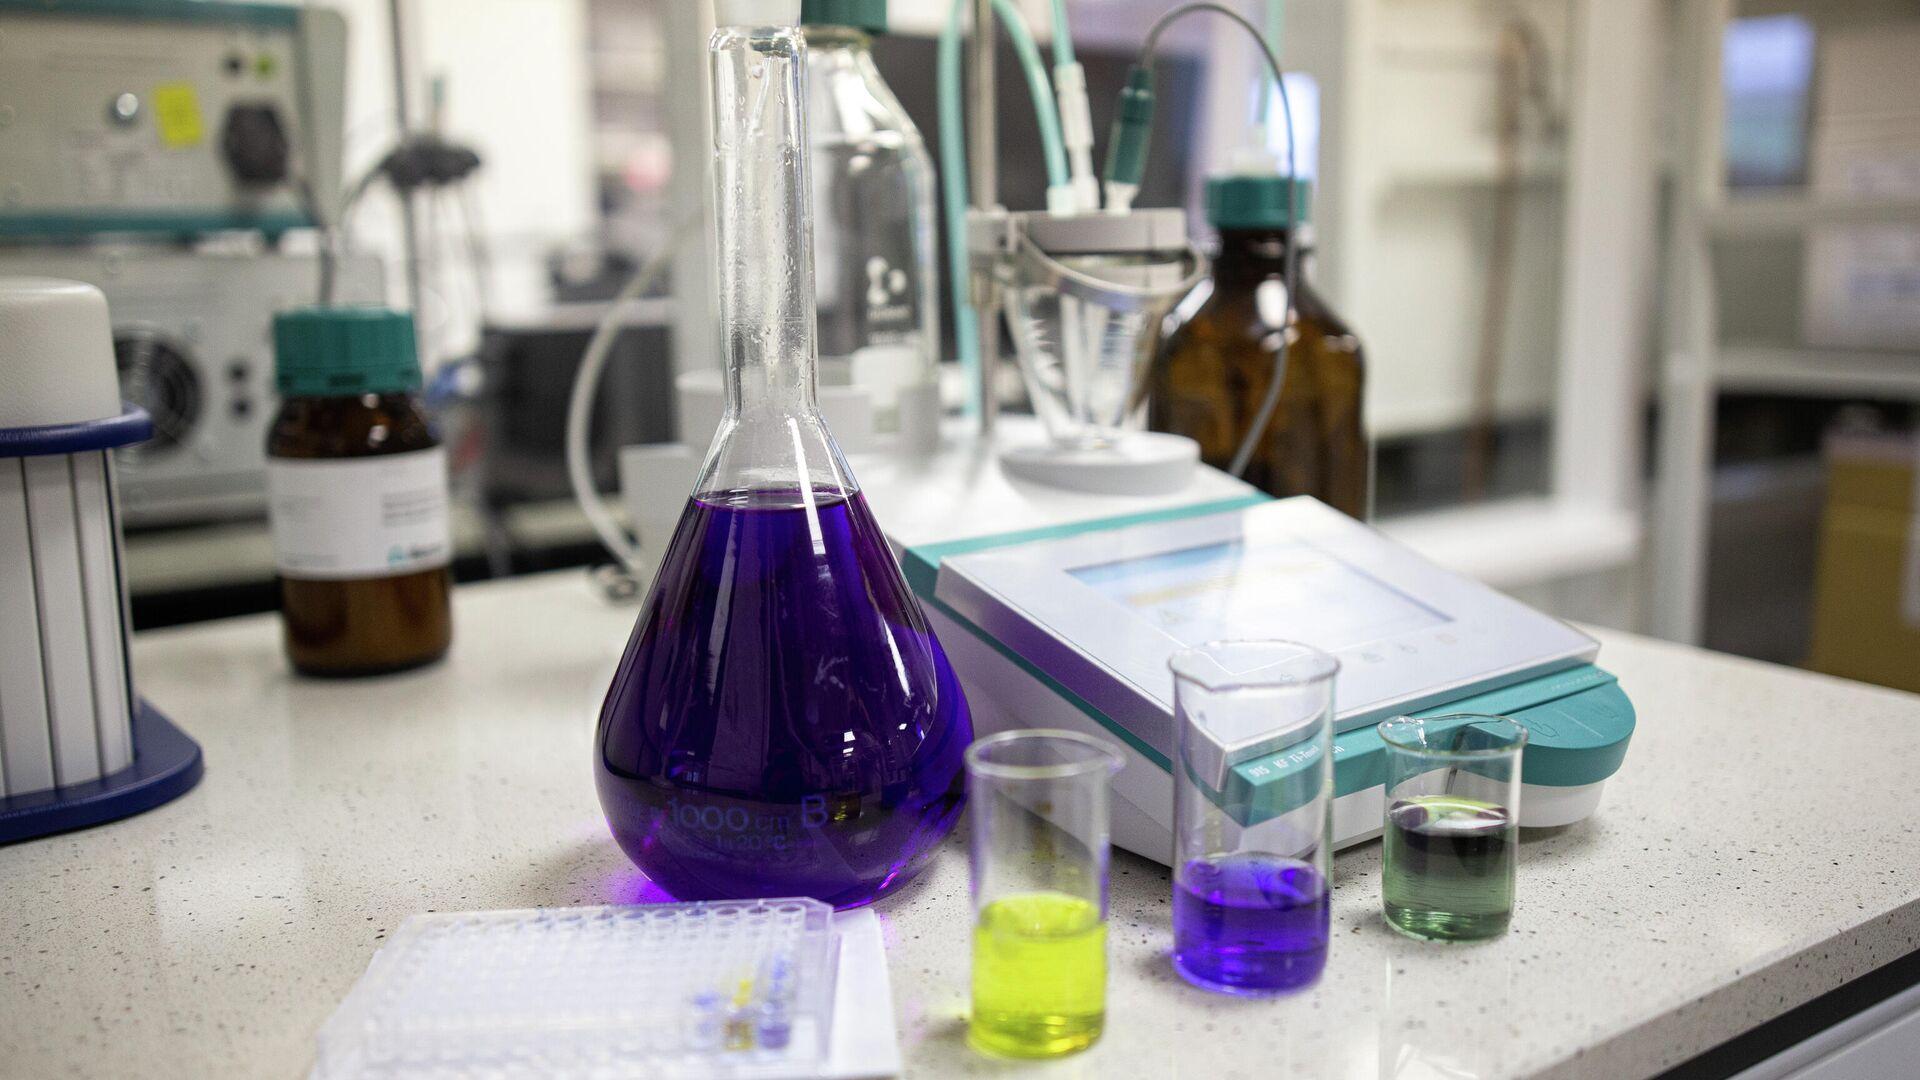 Работа в химической лаборатории - РИА Новости, 1920, 02.08.2021